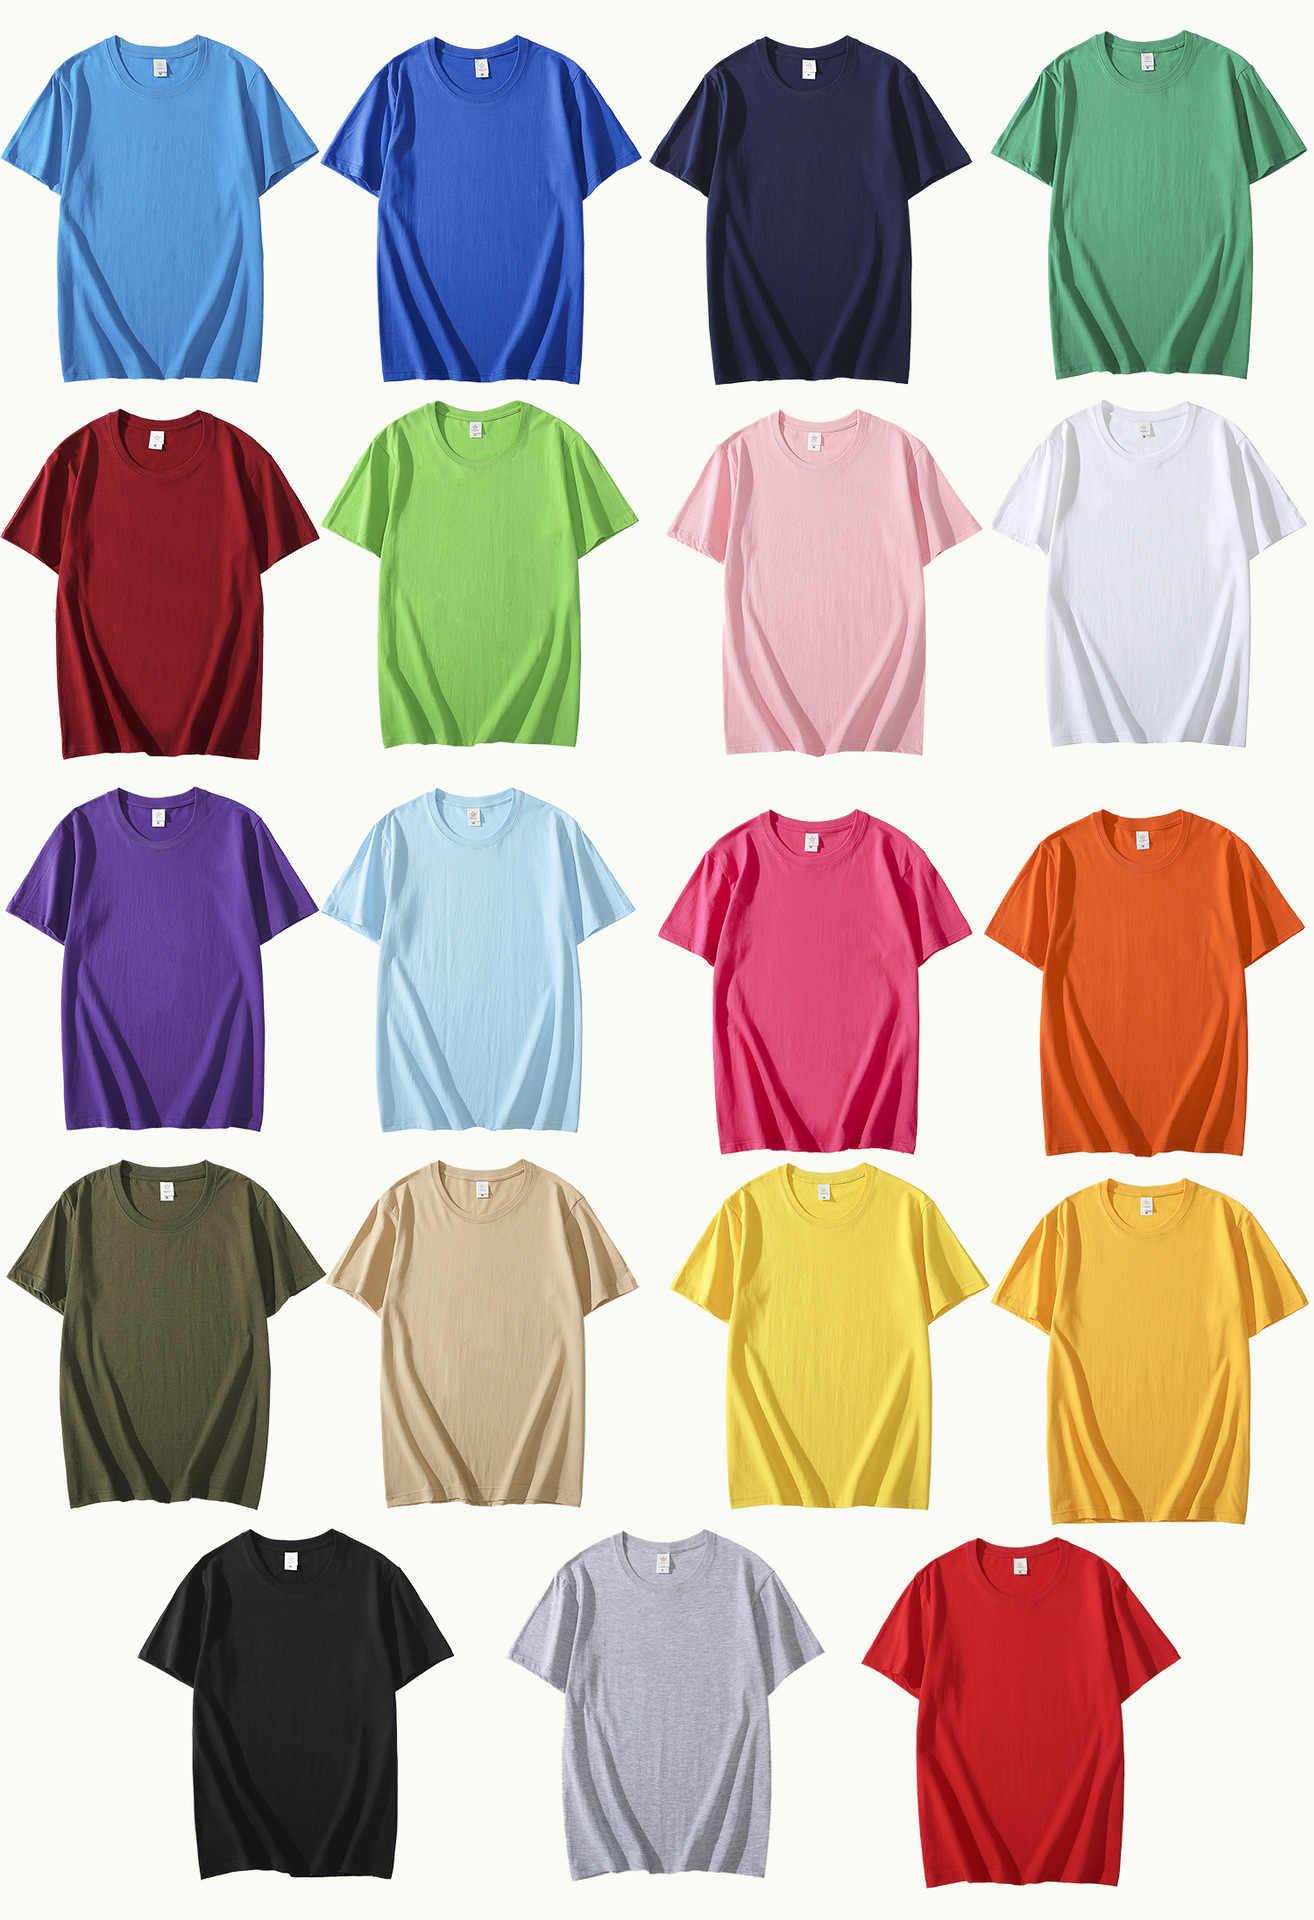 MRMT 2020 Brand New Cotton męska koszulka z krótkim rękawem mężczyzna T koszula z krótkim rękawem Pure Color mężczyźni t shirt t-shirty dla męska bluzka